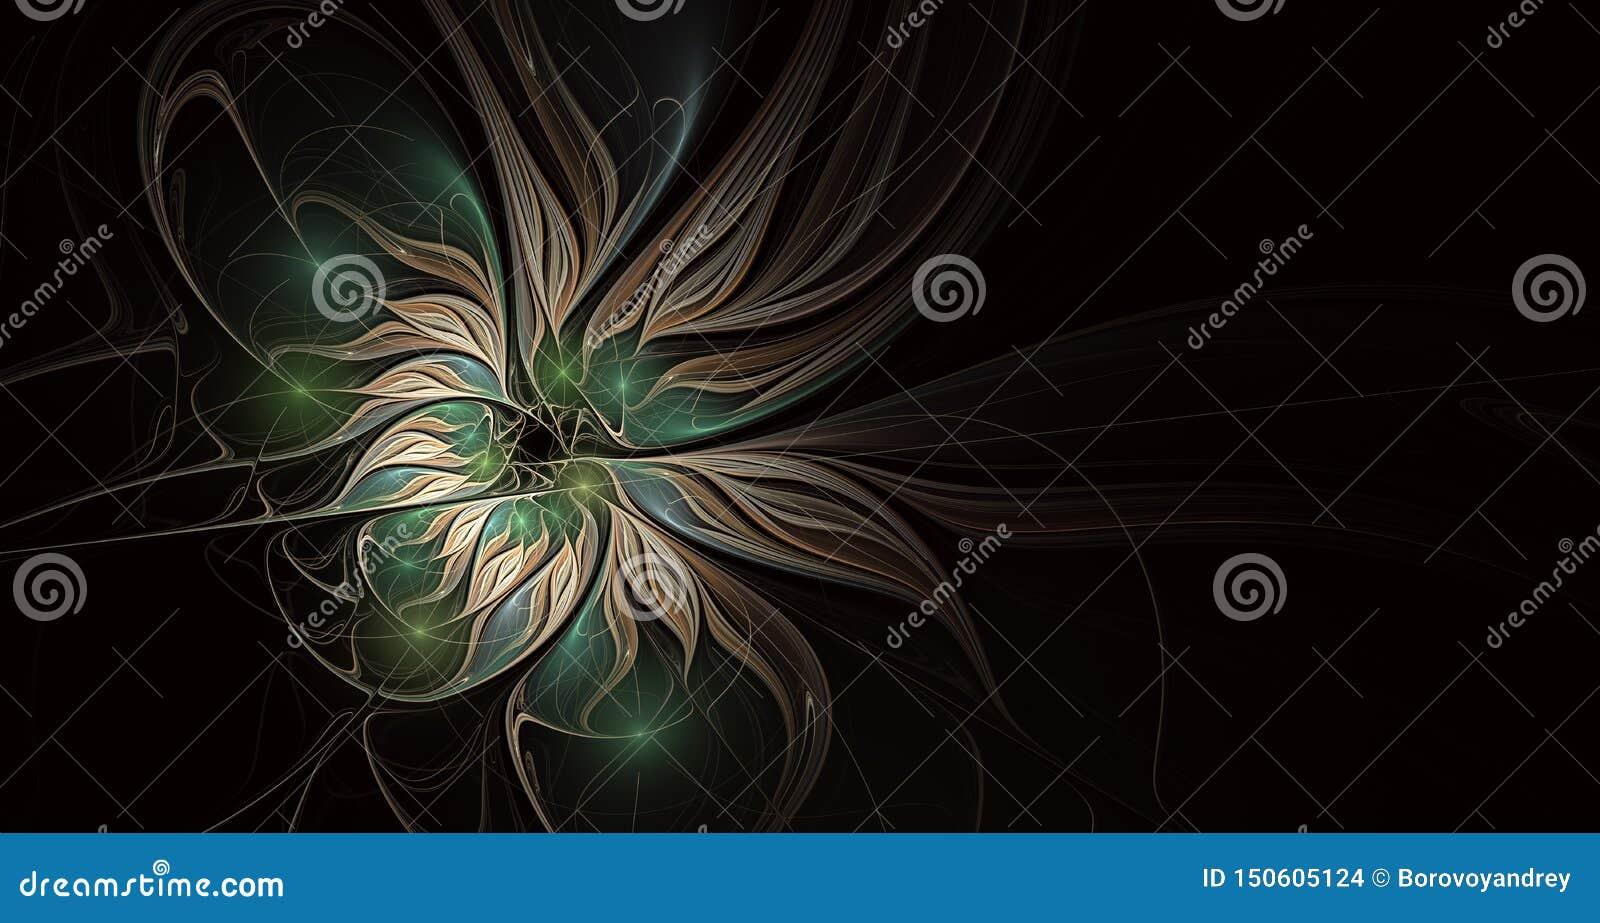 Καλλιτεχνικό λουλούδι φαντασίας με την επίδραση φωτισμού